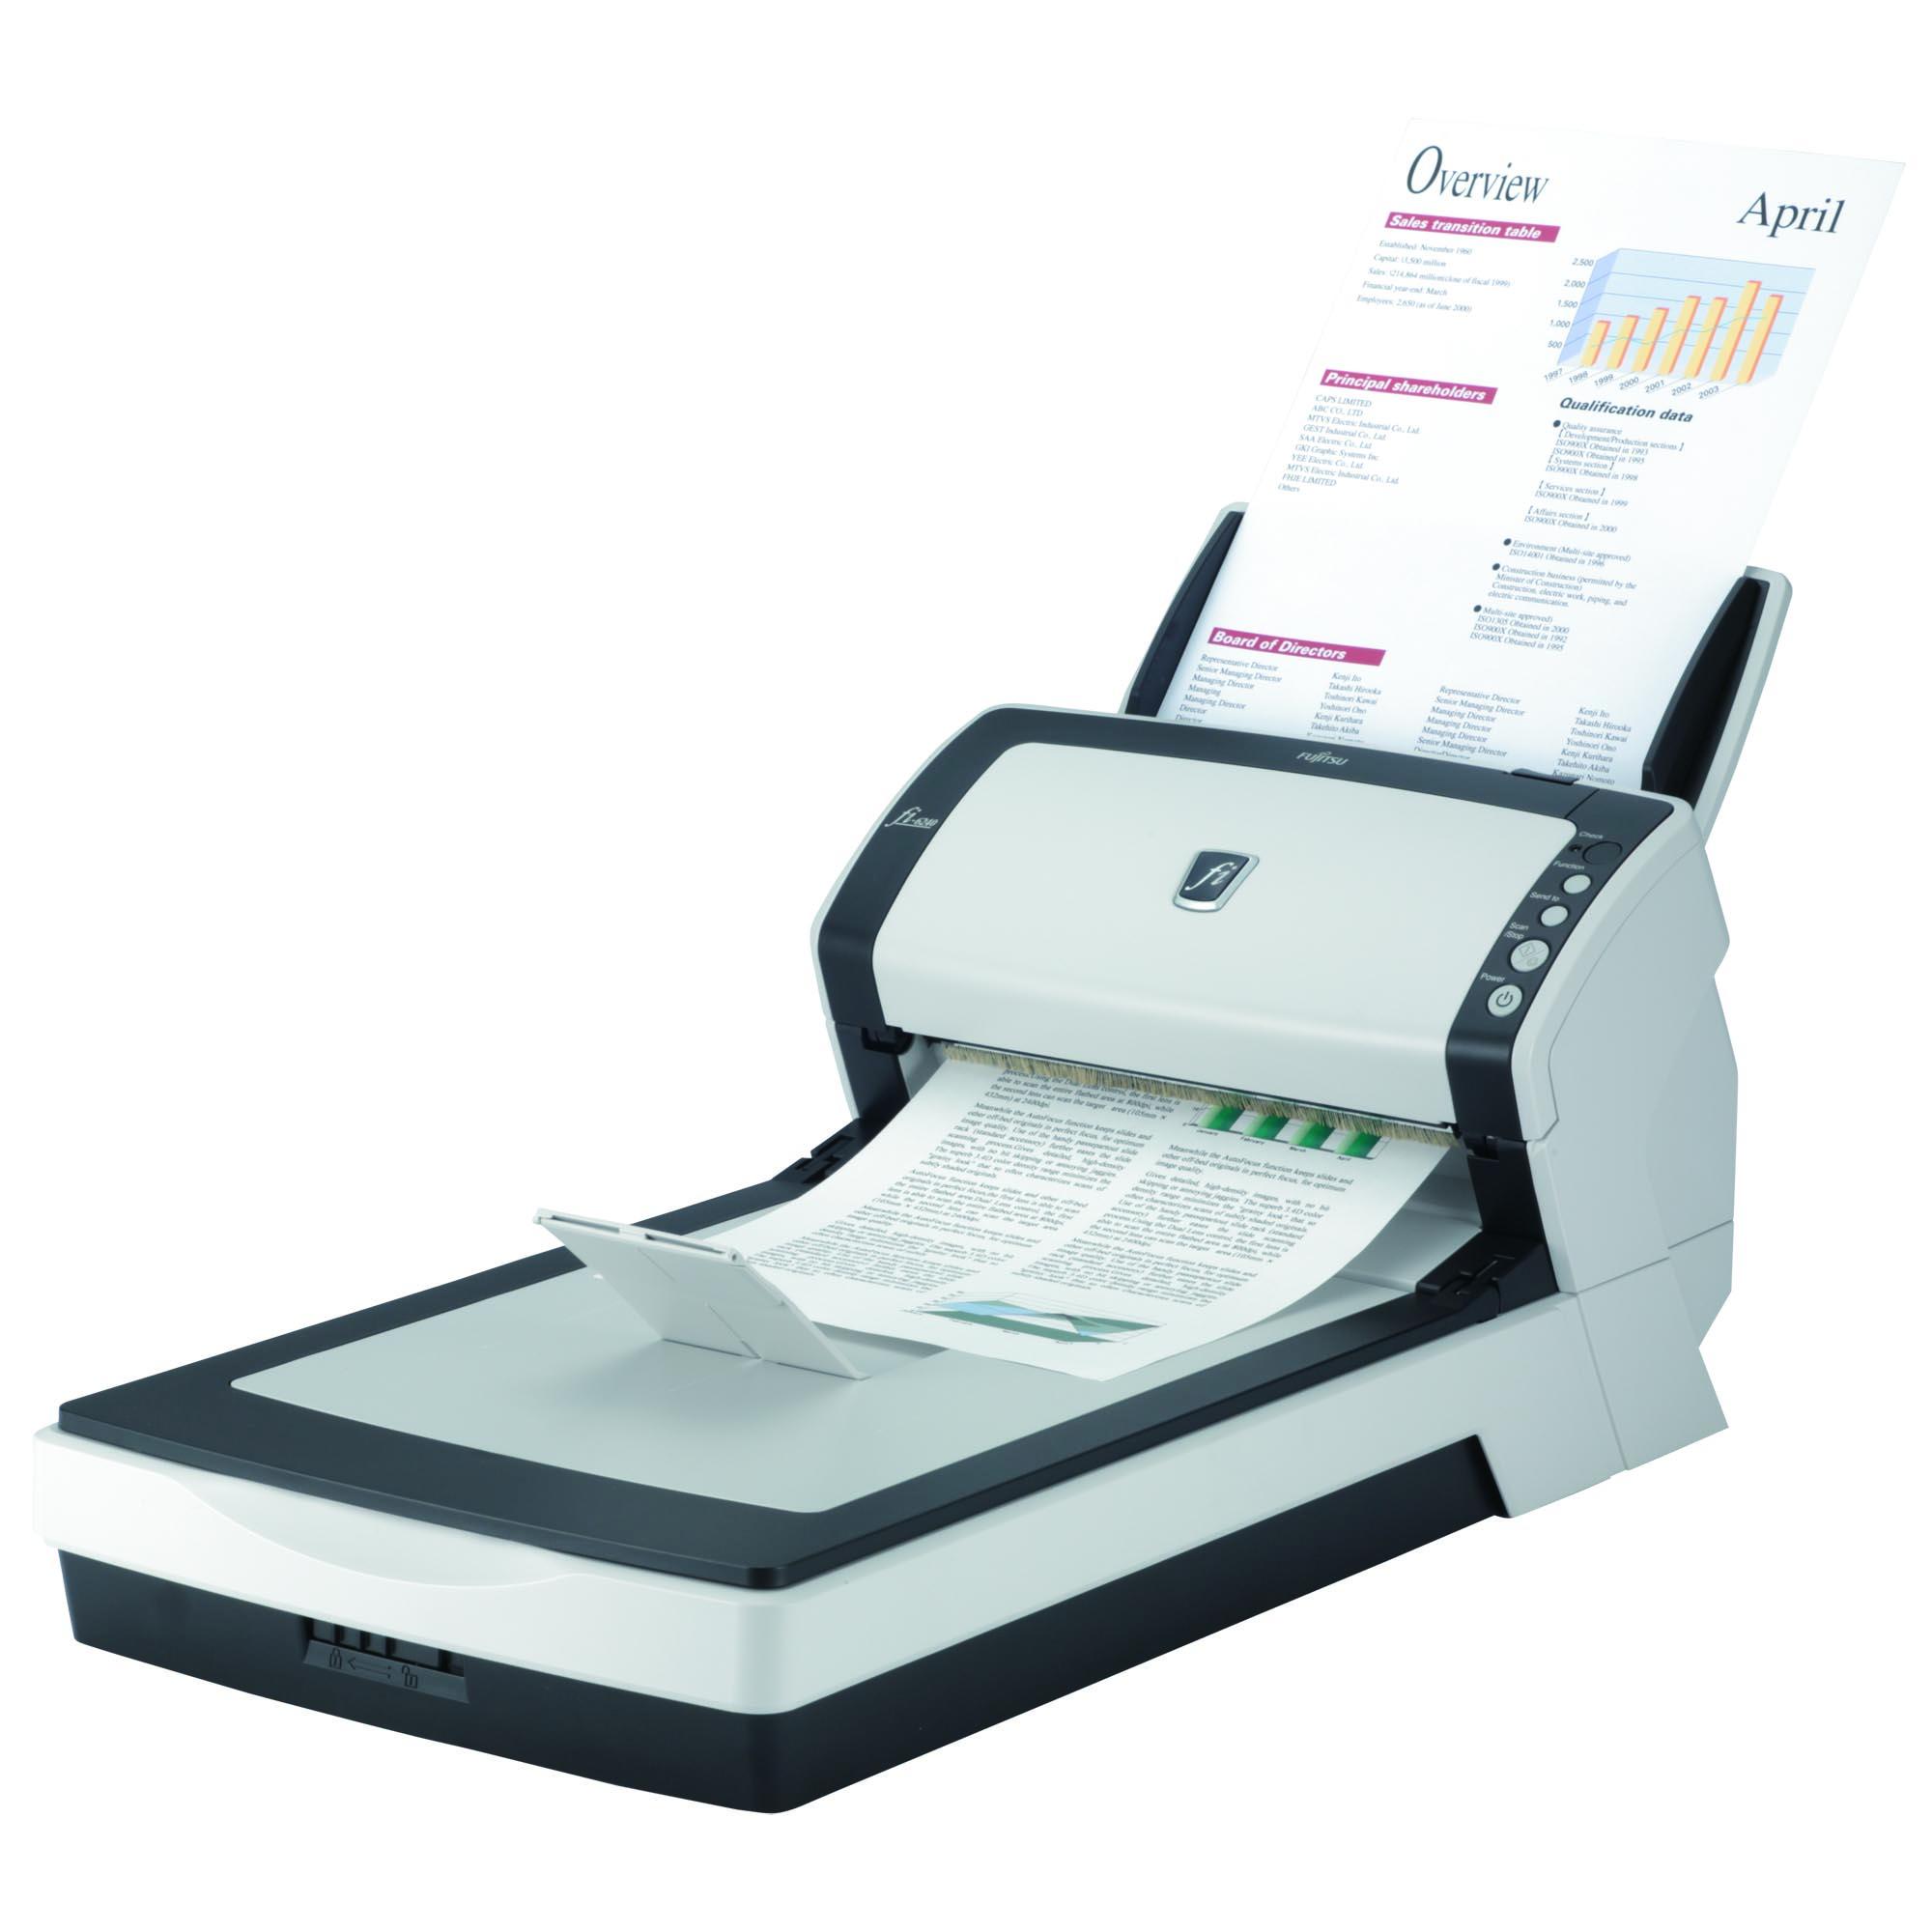 Vidējās jaudas skeneri